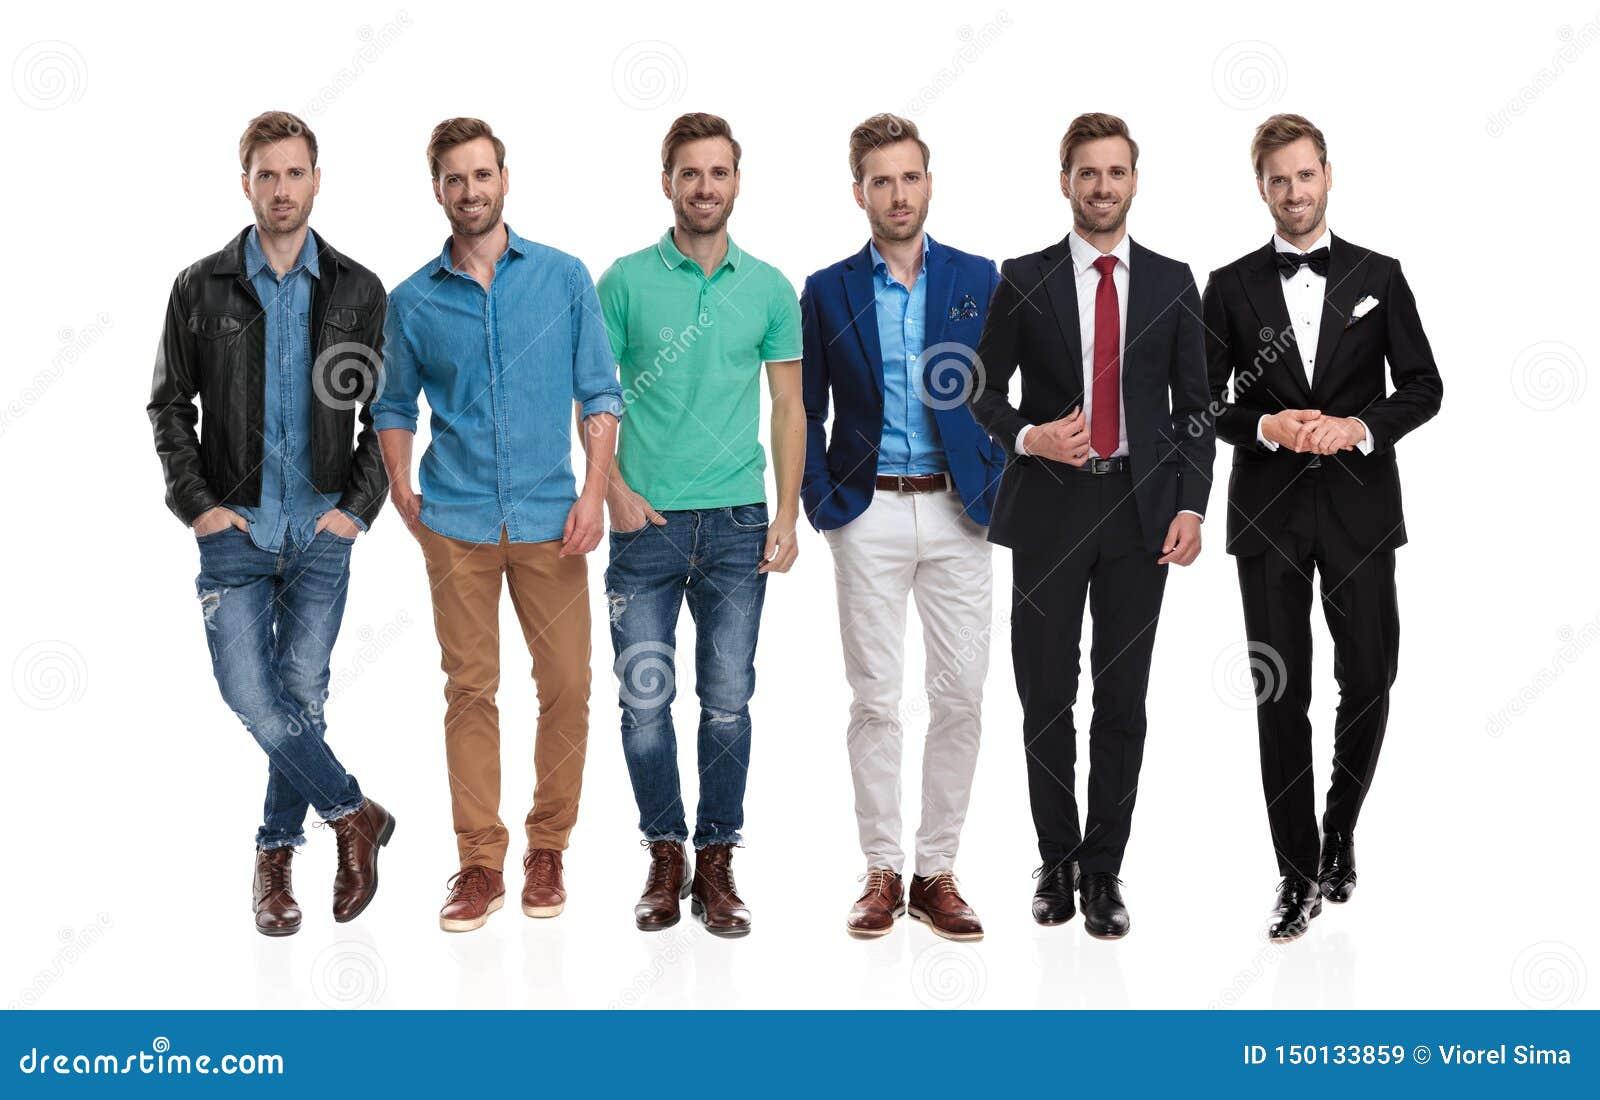 摆在佩带的不同的成套装备的同样乐观年轻人